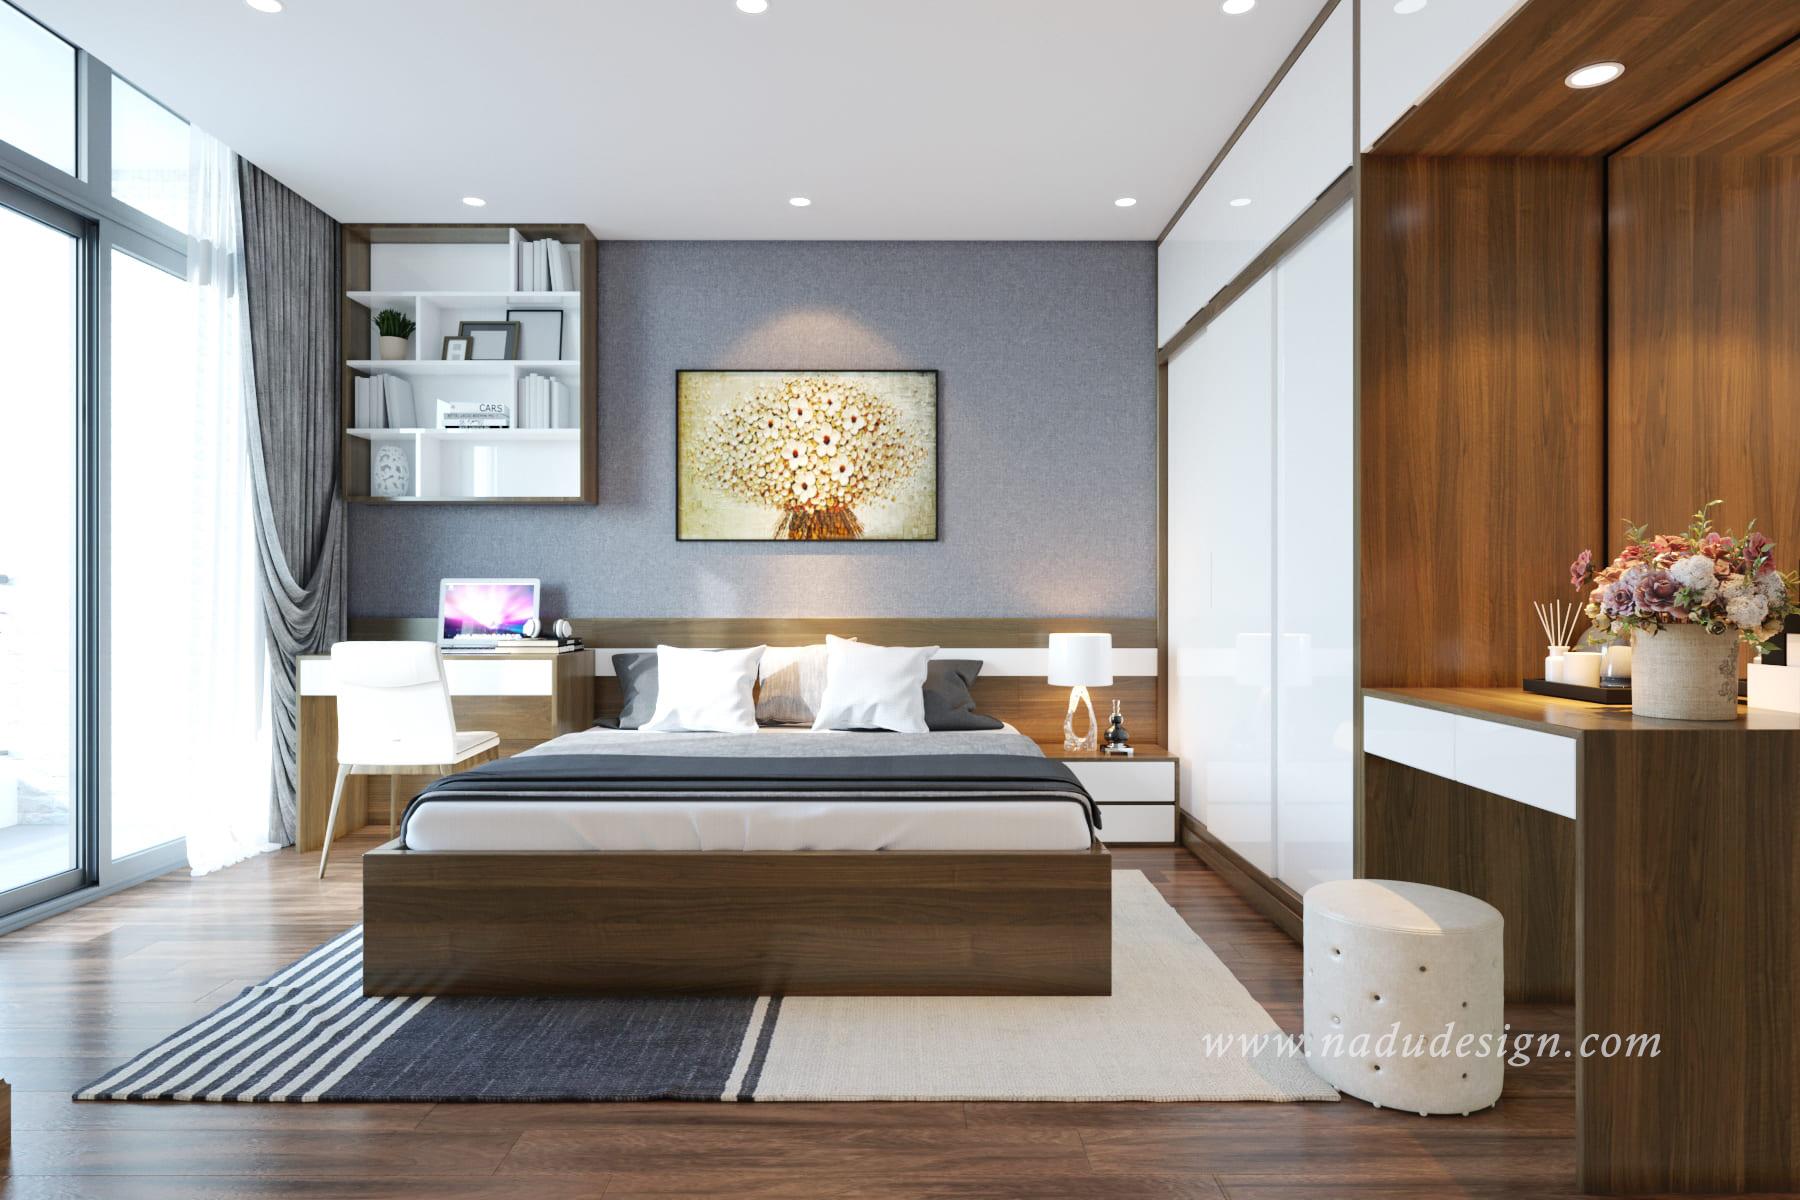 Mách bạn cách chọn thảm trải sàn phòng ngủ phù hợp từng không gian